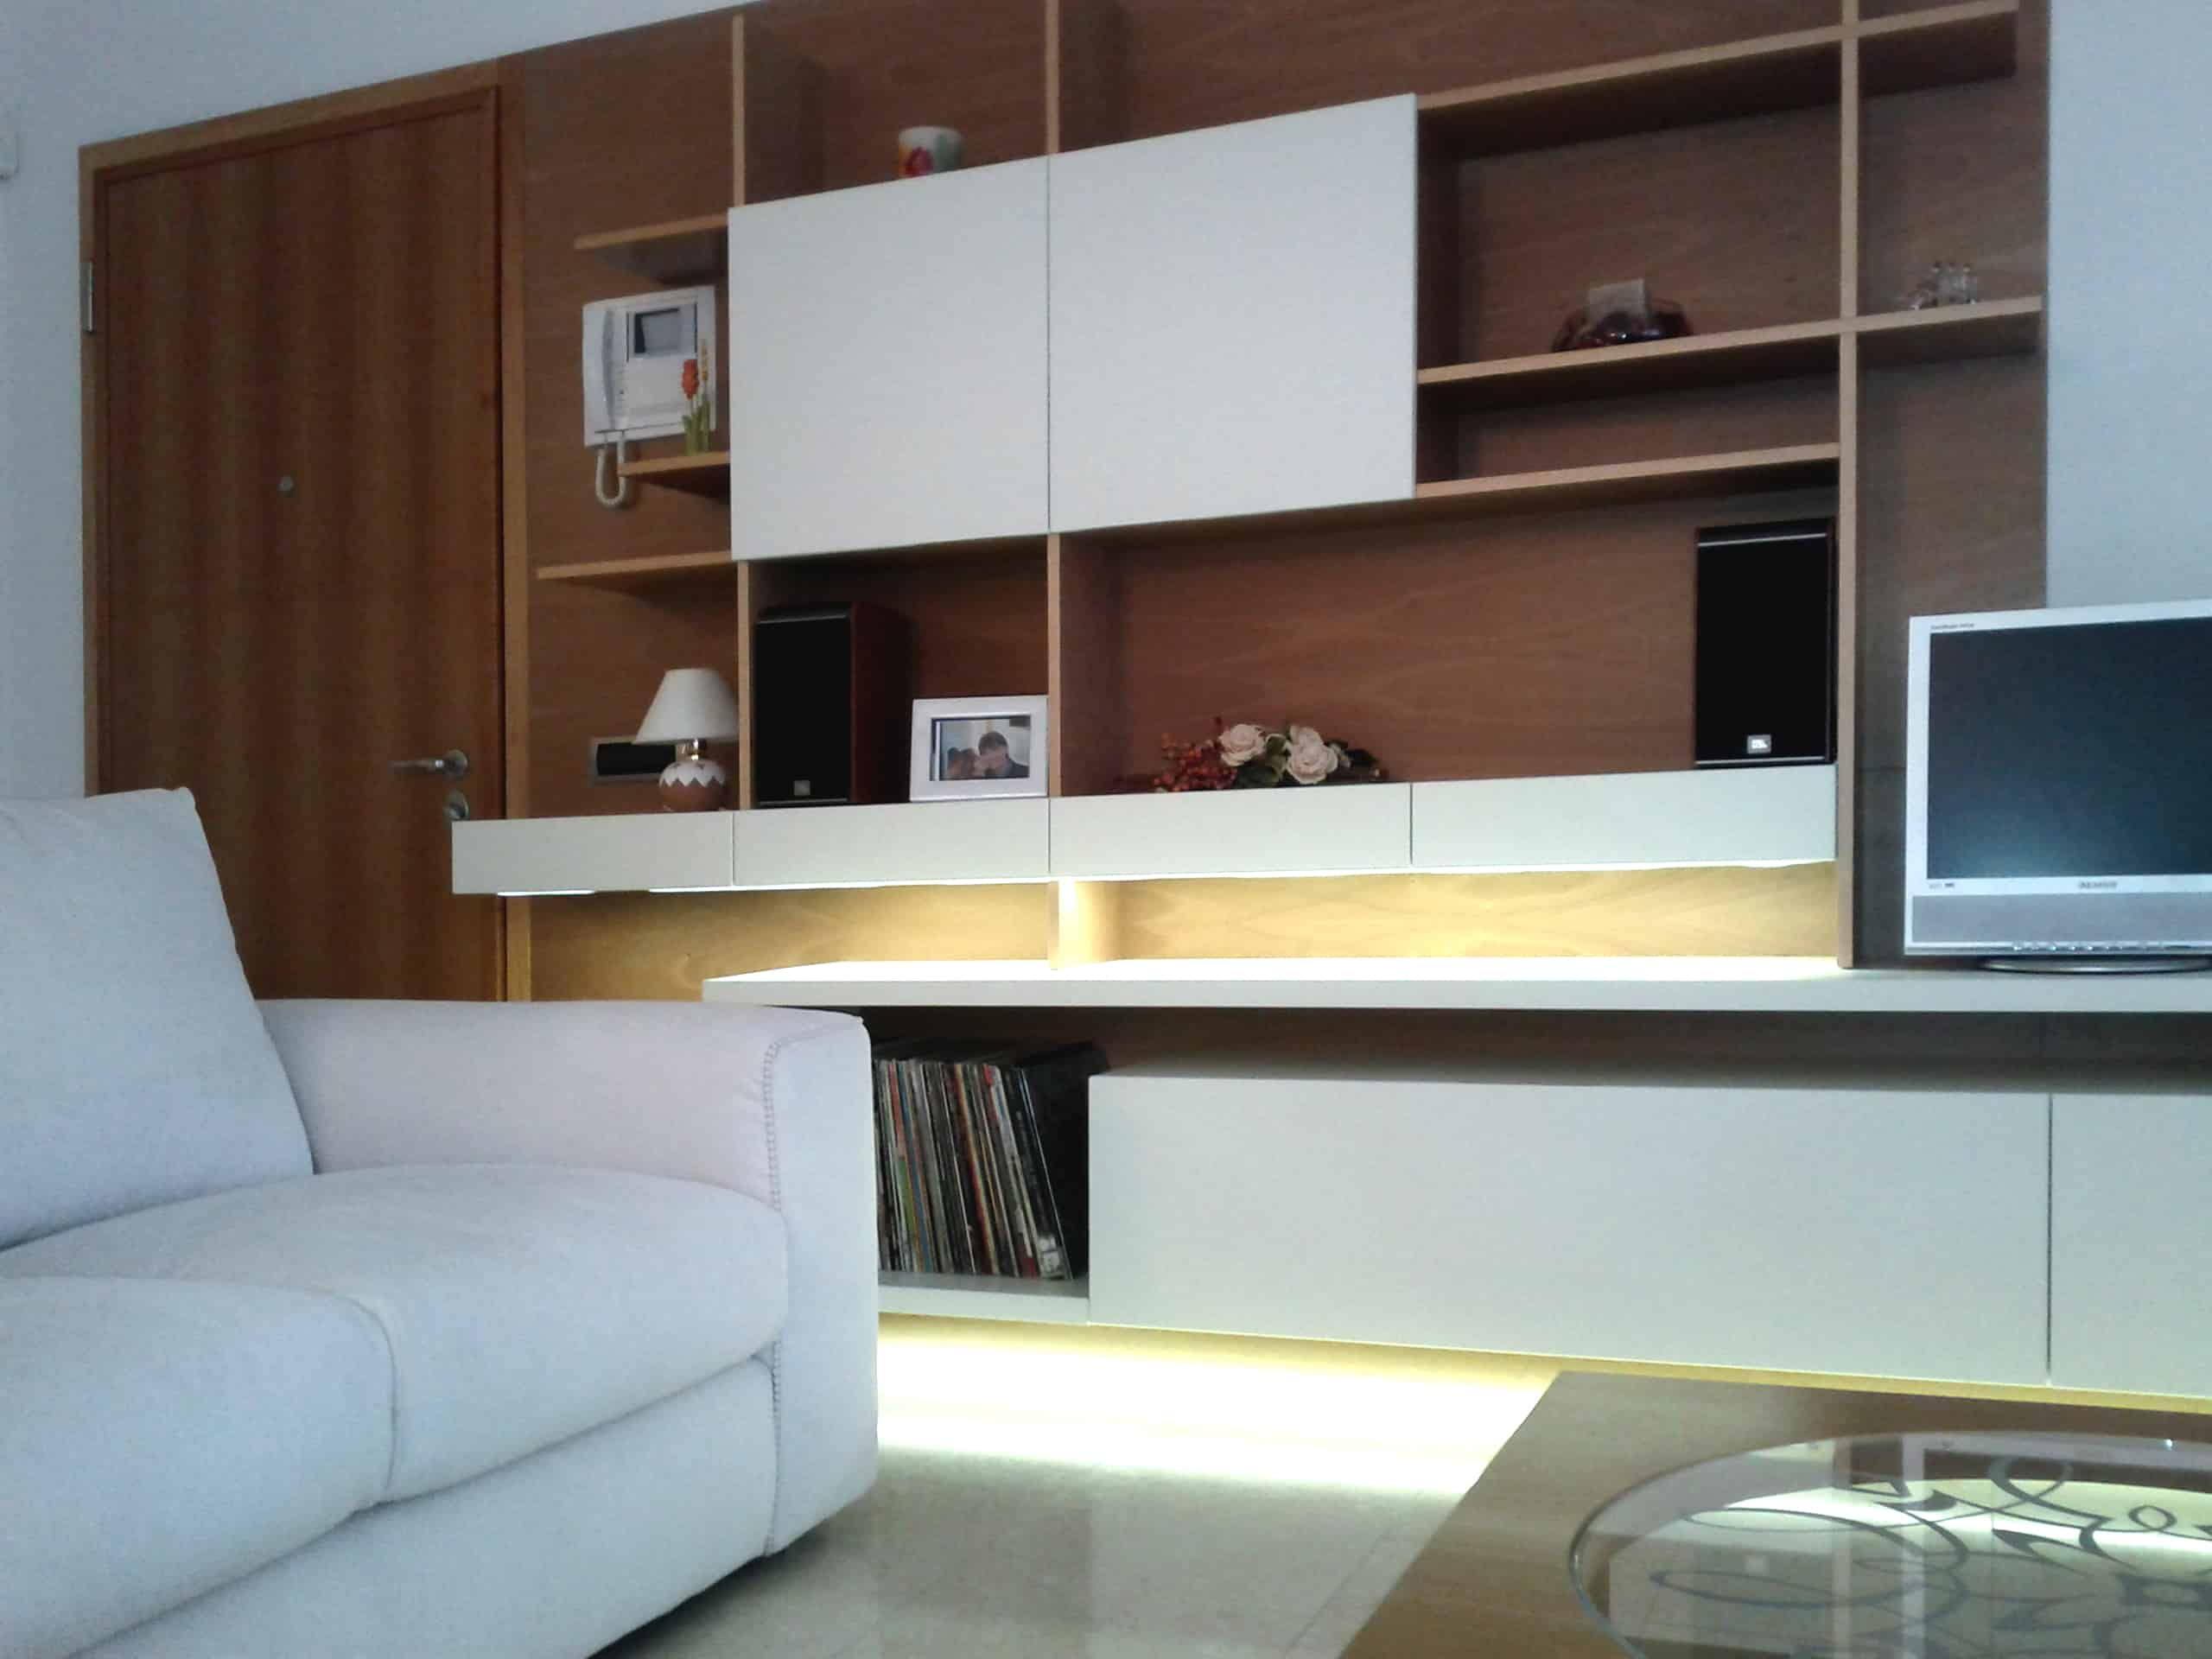 Lampadari per salone moderno idee creative di interni e for Mobili salone moderno